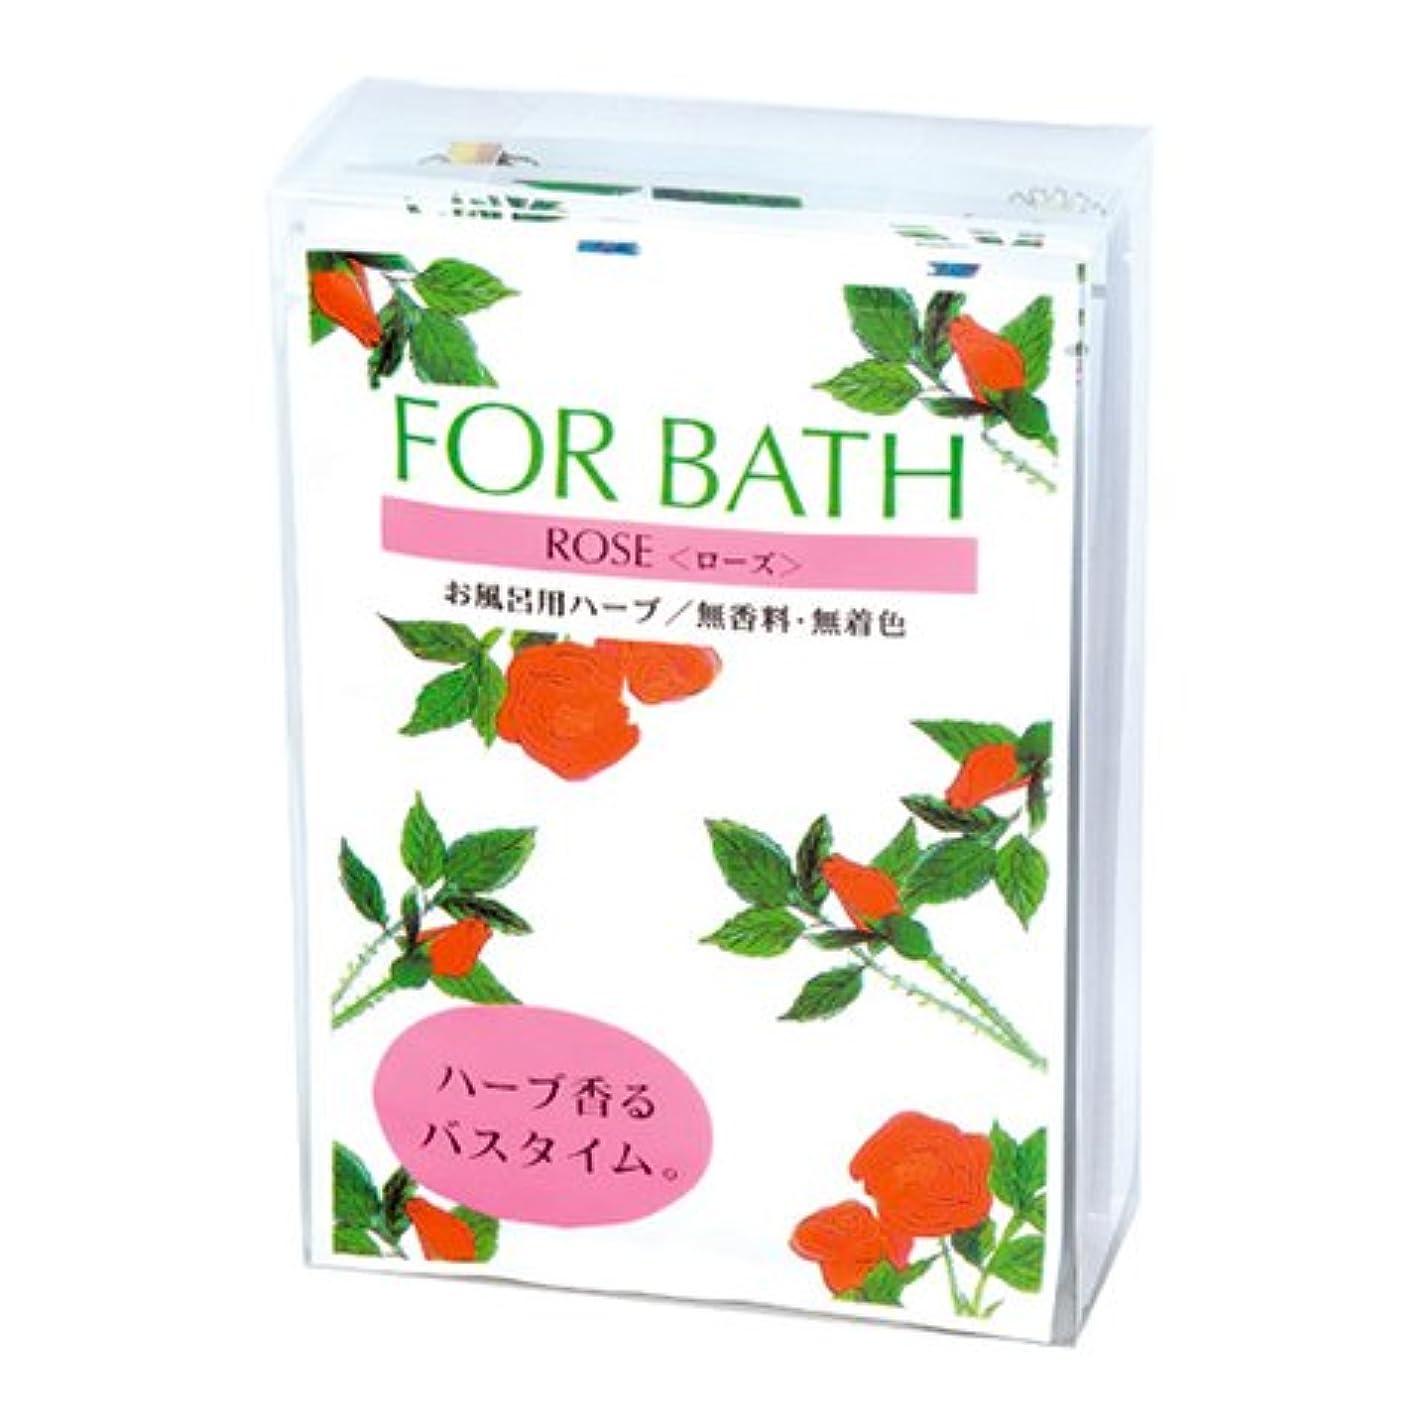 通訳面白い香水フォアバス 6種 クリアケースギフト[フォアバス/入浴剤/ハーブ]